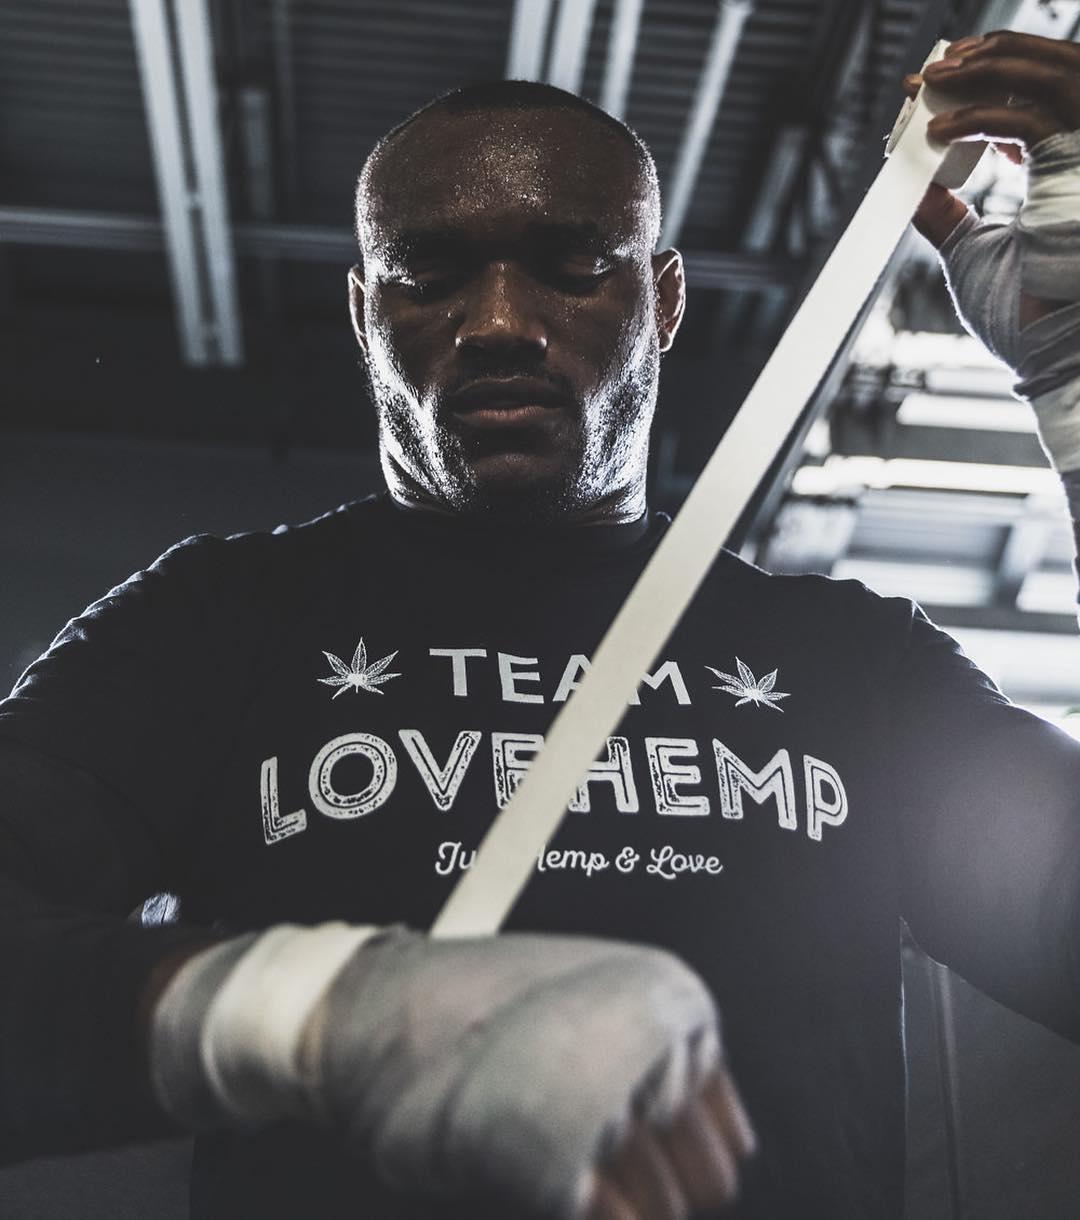 UFC Welterweight Champion Kamaru Usman's schedule: surgery